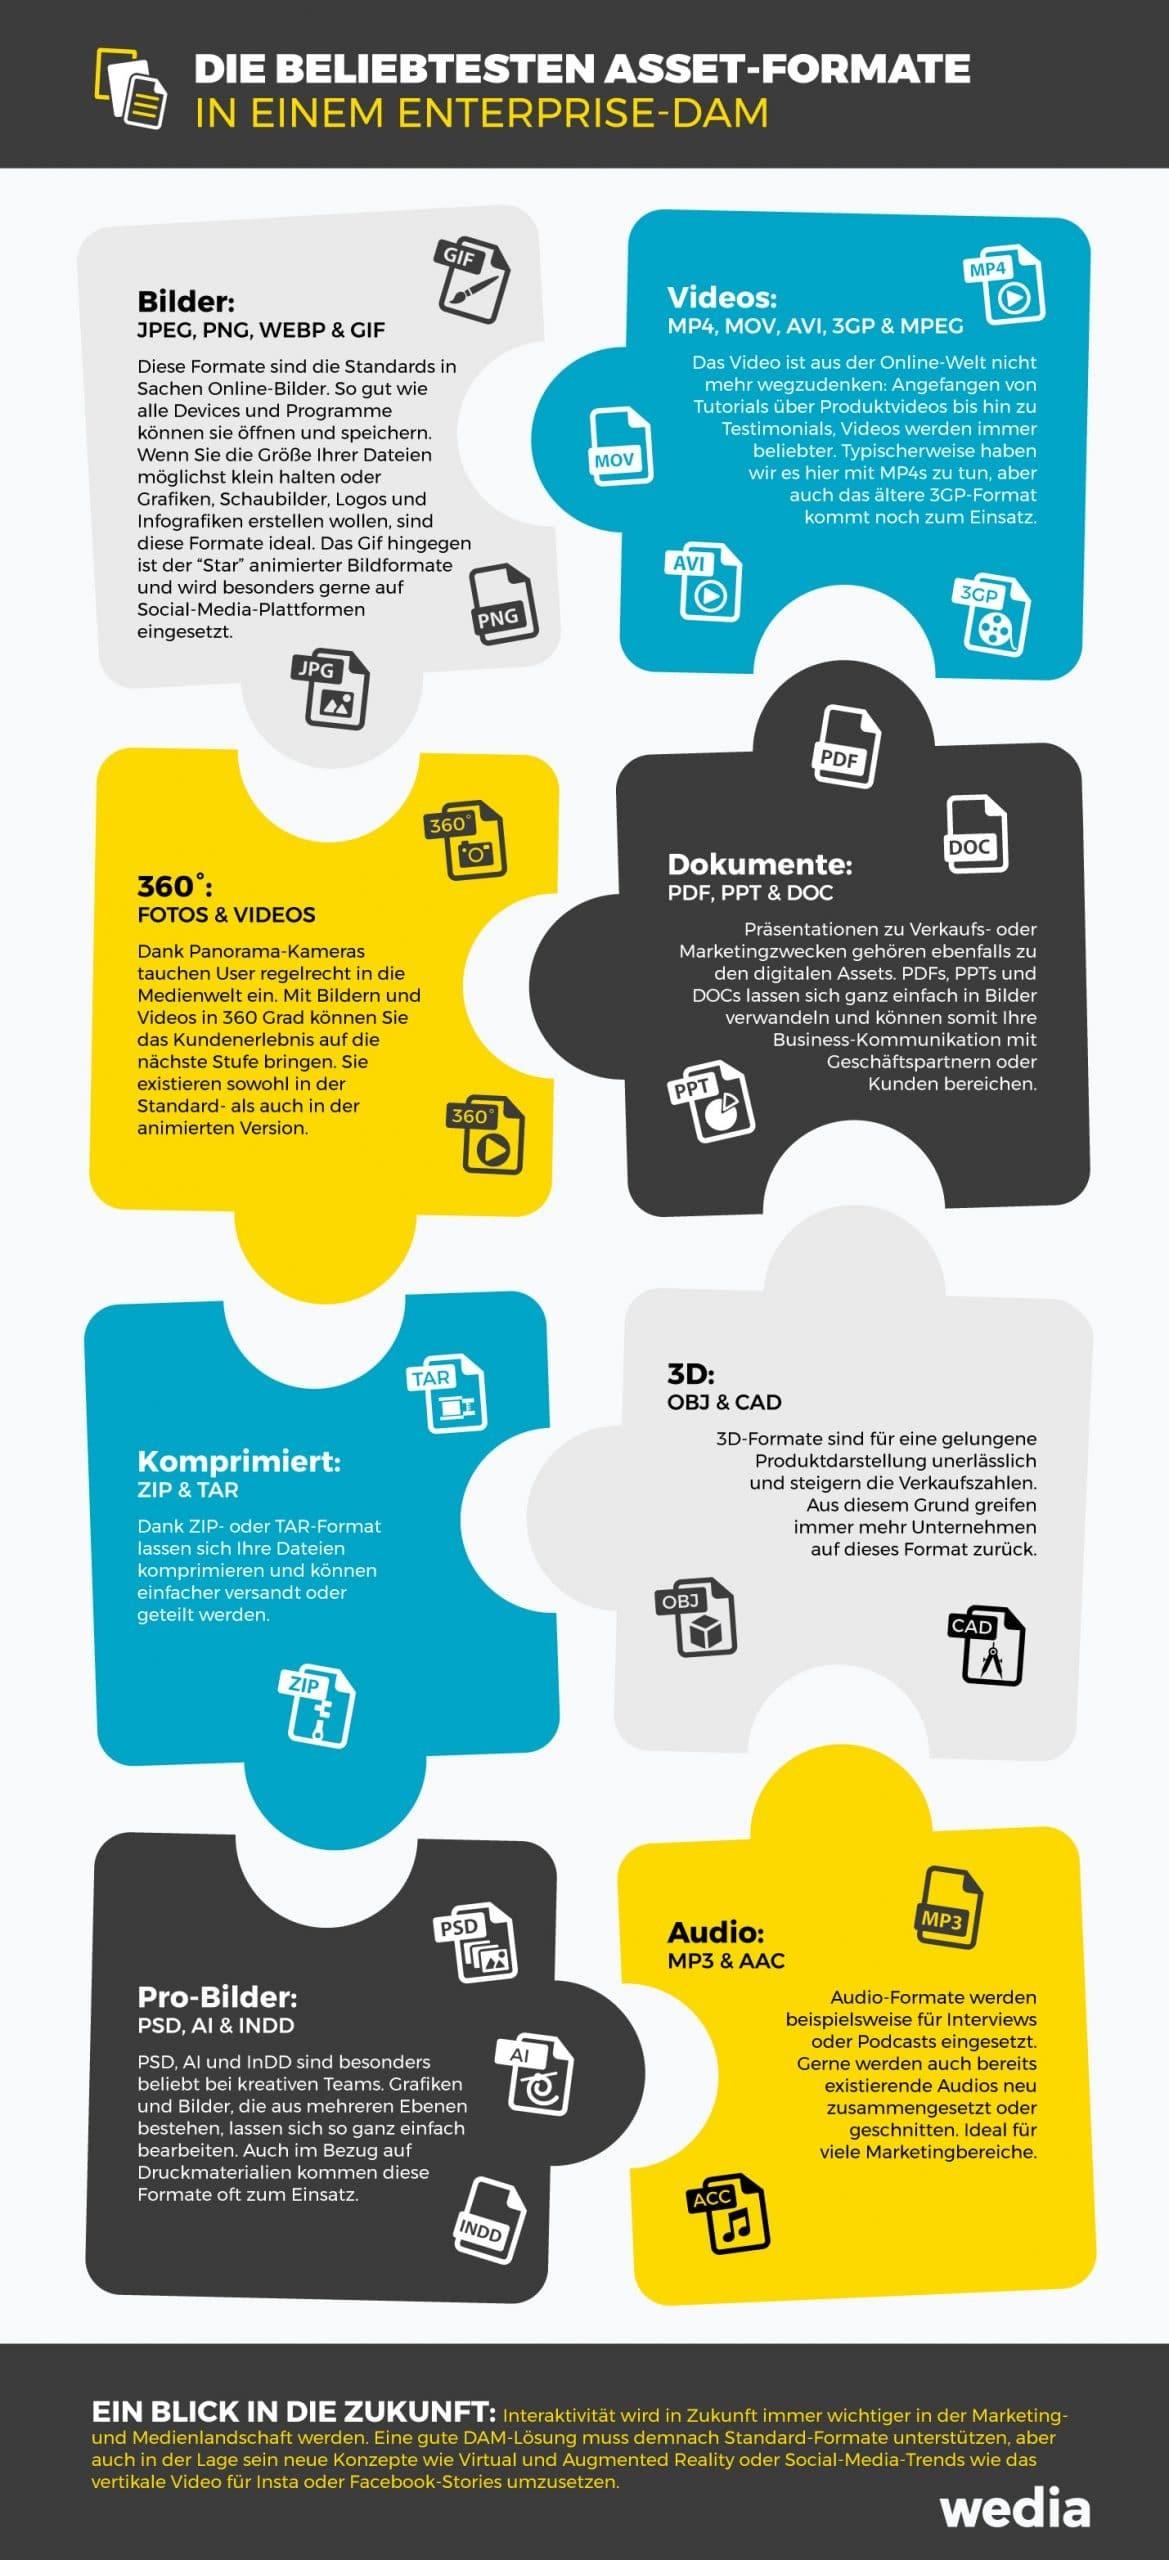 INFOGRAPHIK: Die beliebtesten Asset-Formate in einem Enterprise-DAM